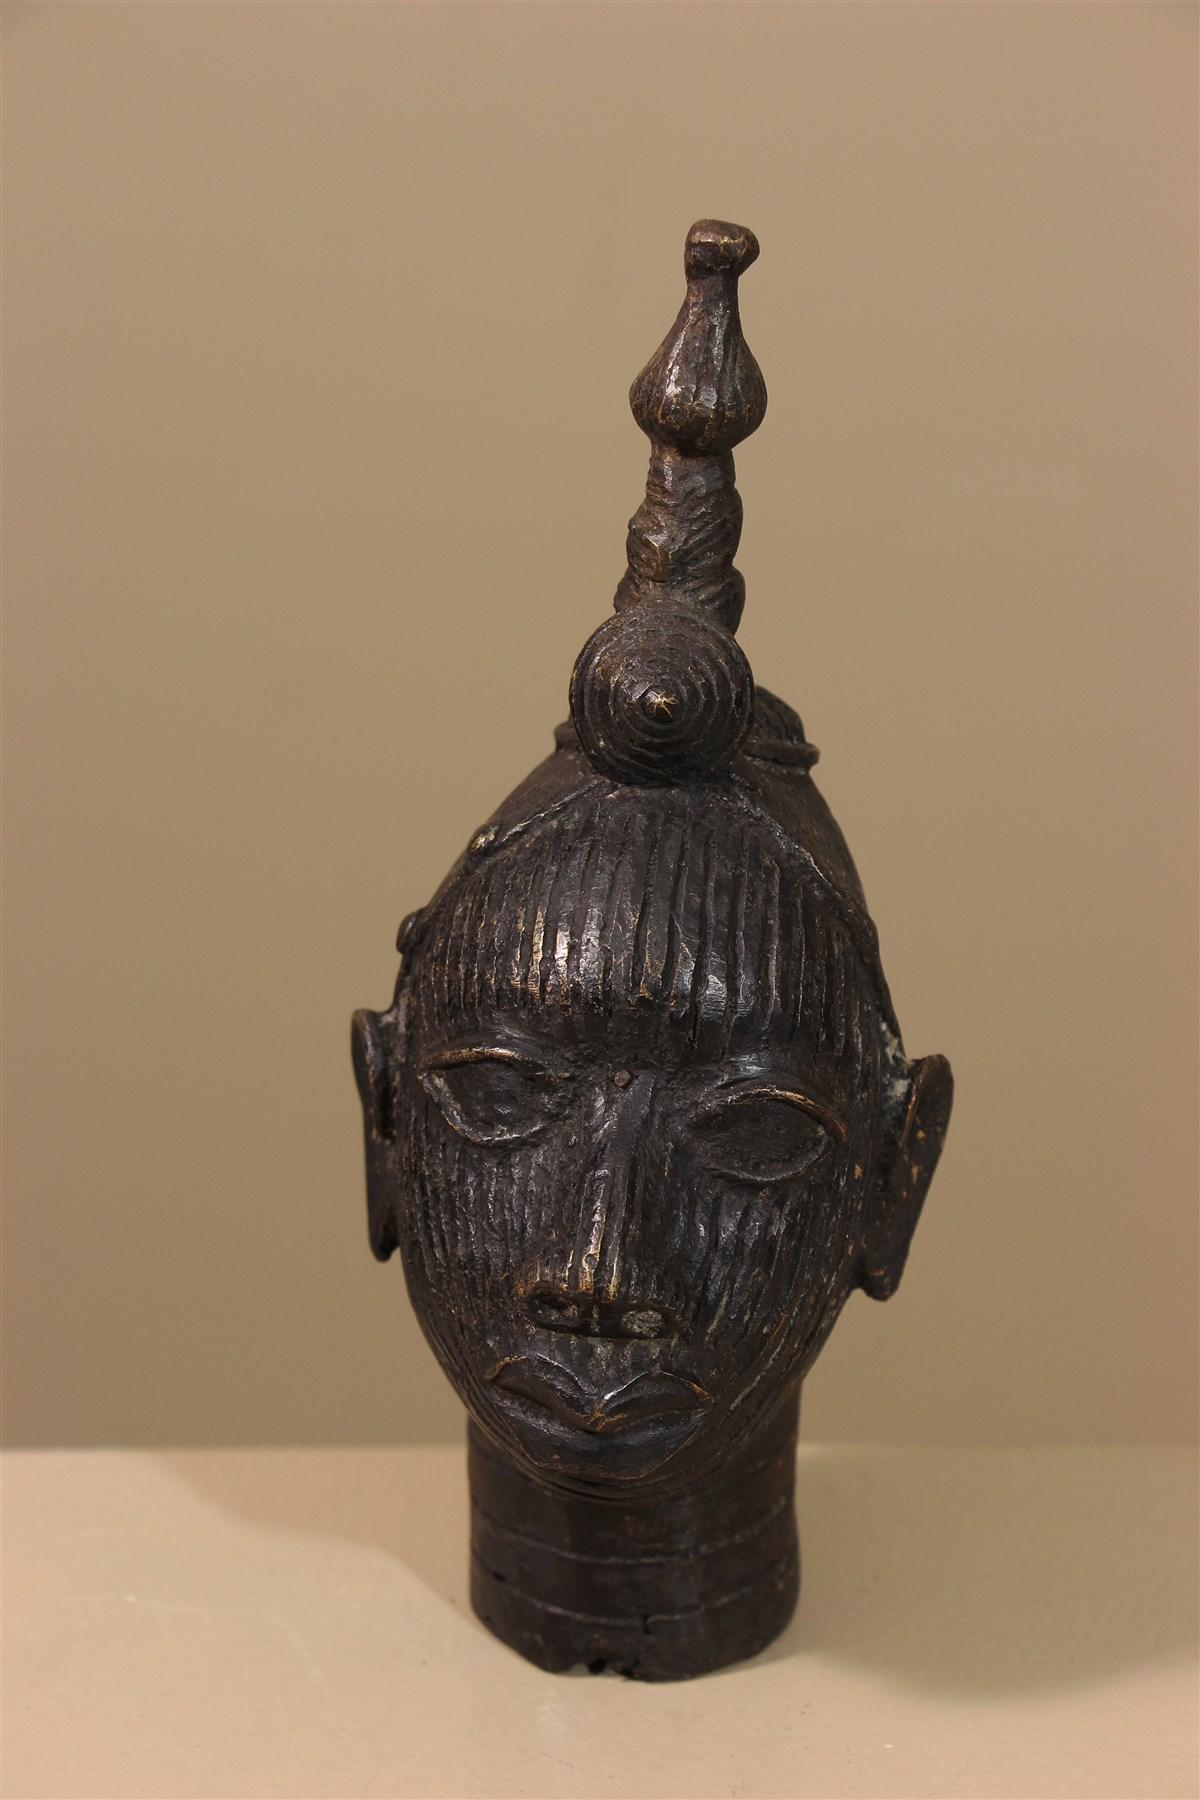 Tête Ifé du Nigeria en bronze - Déco africaine - Art africain traditionnel